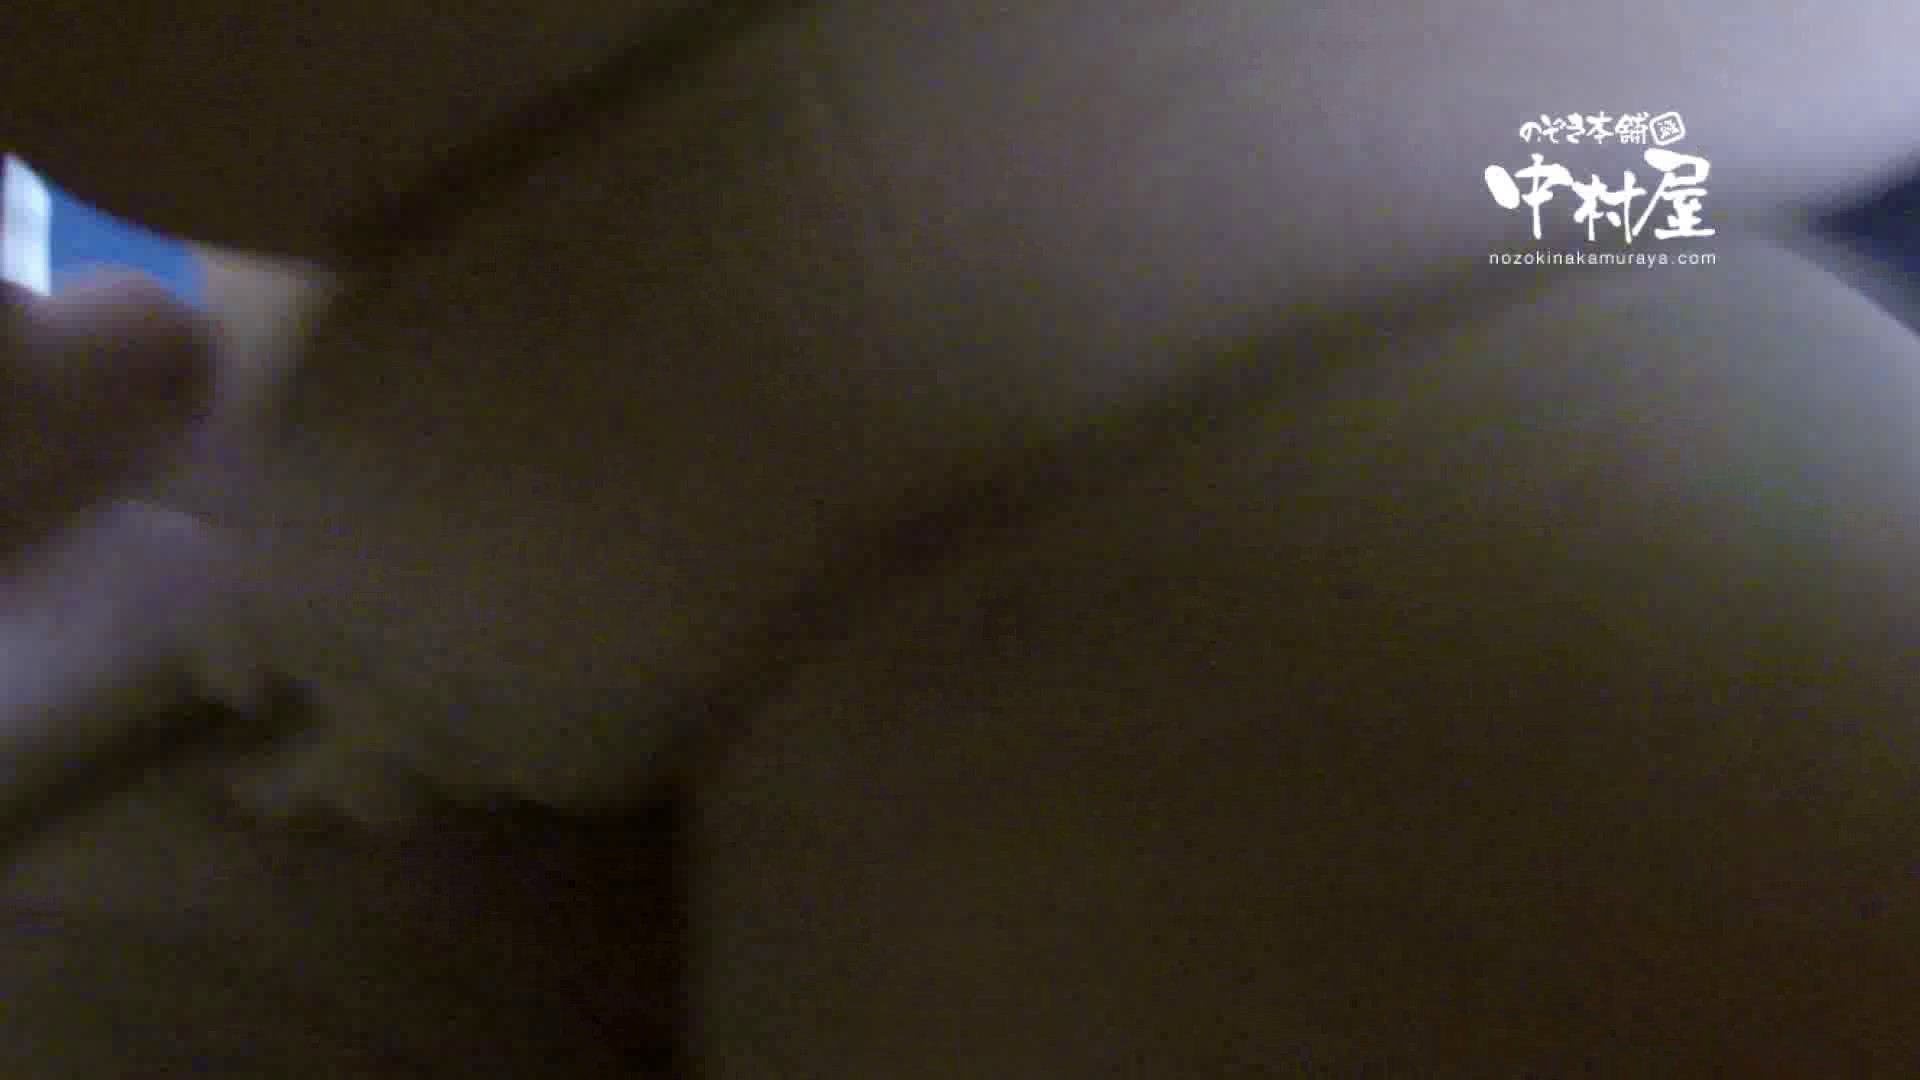 鬼畜 vol.14 小生意気なおなごにはペナルティー 前編 鬼畜 | 美しいOLの裸体  87pic 11